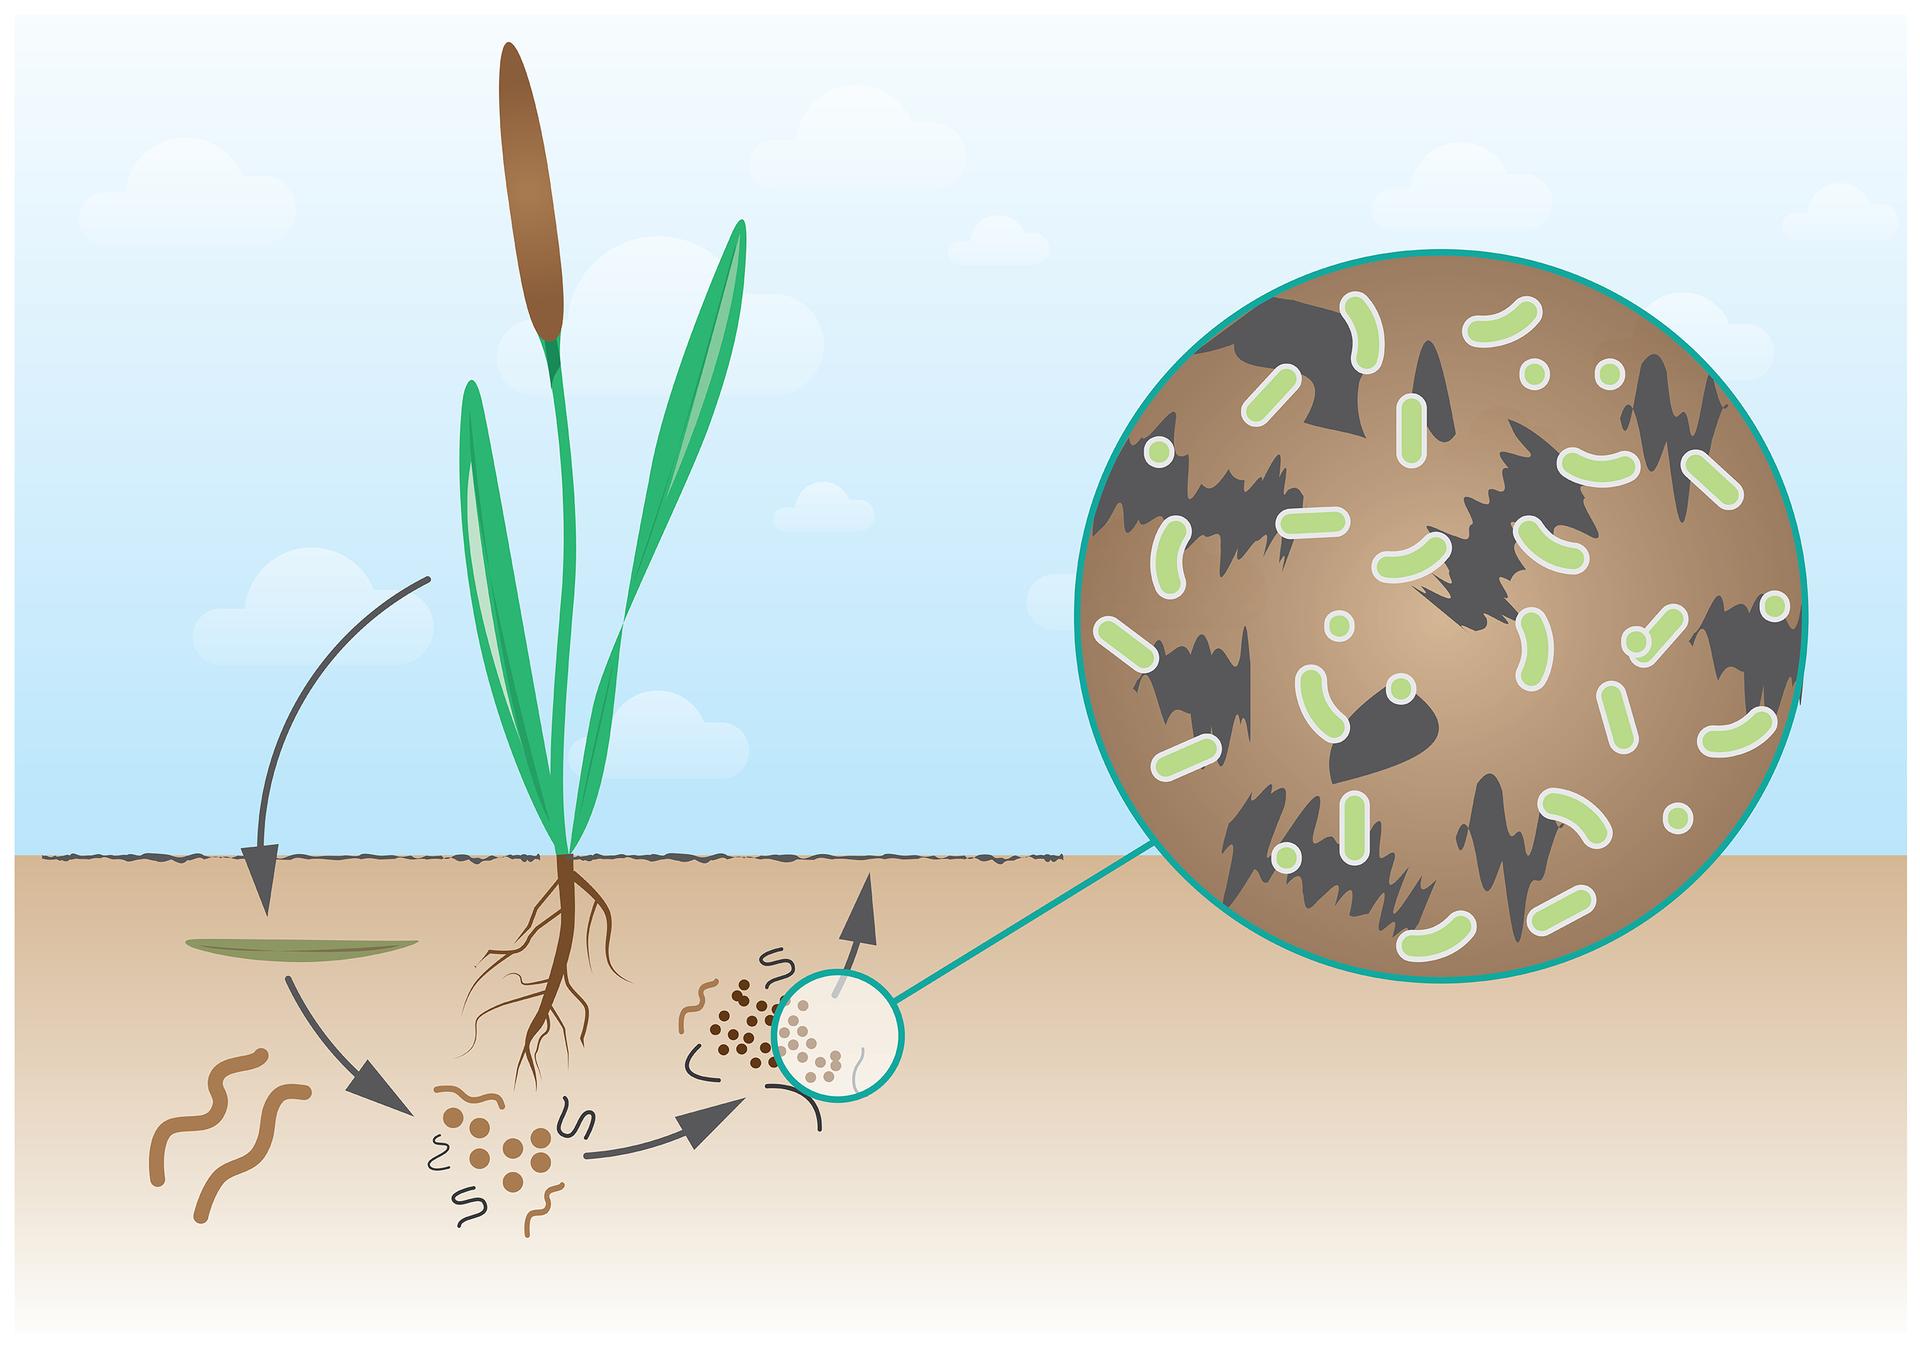 Ilustracja przedstawia na niebieskim tle zieloną roślinę zbrązowym kwiatostanem ugóry ibrązowymi korzeniami udołu. Dolna część ilustracji przedstawia blado brązową ziemię. Po prawej znajduje się niebieskie koło zbrązowym tłem oraz szarymi izielonymi plamkami. Strzałki prowadzą od rośliny wlewo, do ziemi. Ukazano tu zielony podłużny kształt – opadnięty liść ibrązowe robaki. Udołu pod korzeniami narysowane są brązowe kulki irobakowate kształty. Strzałka dalej wprawo prowadzi do niebieskiego kółka, powiększenia obrazu, które znajduje się po prawej. Zielone owale oznaczają bakterie, rozkładające martwą materię, co przyczynia się do użyźniania gleby.